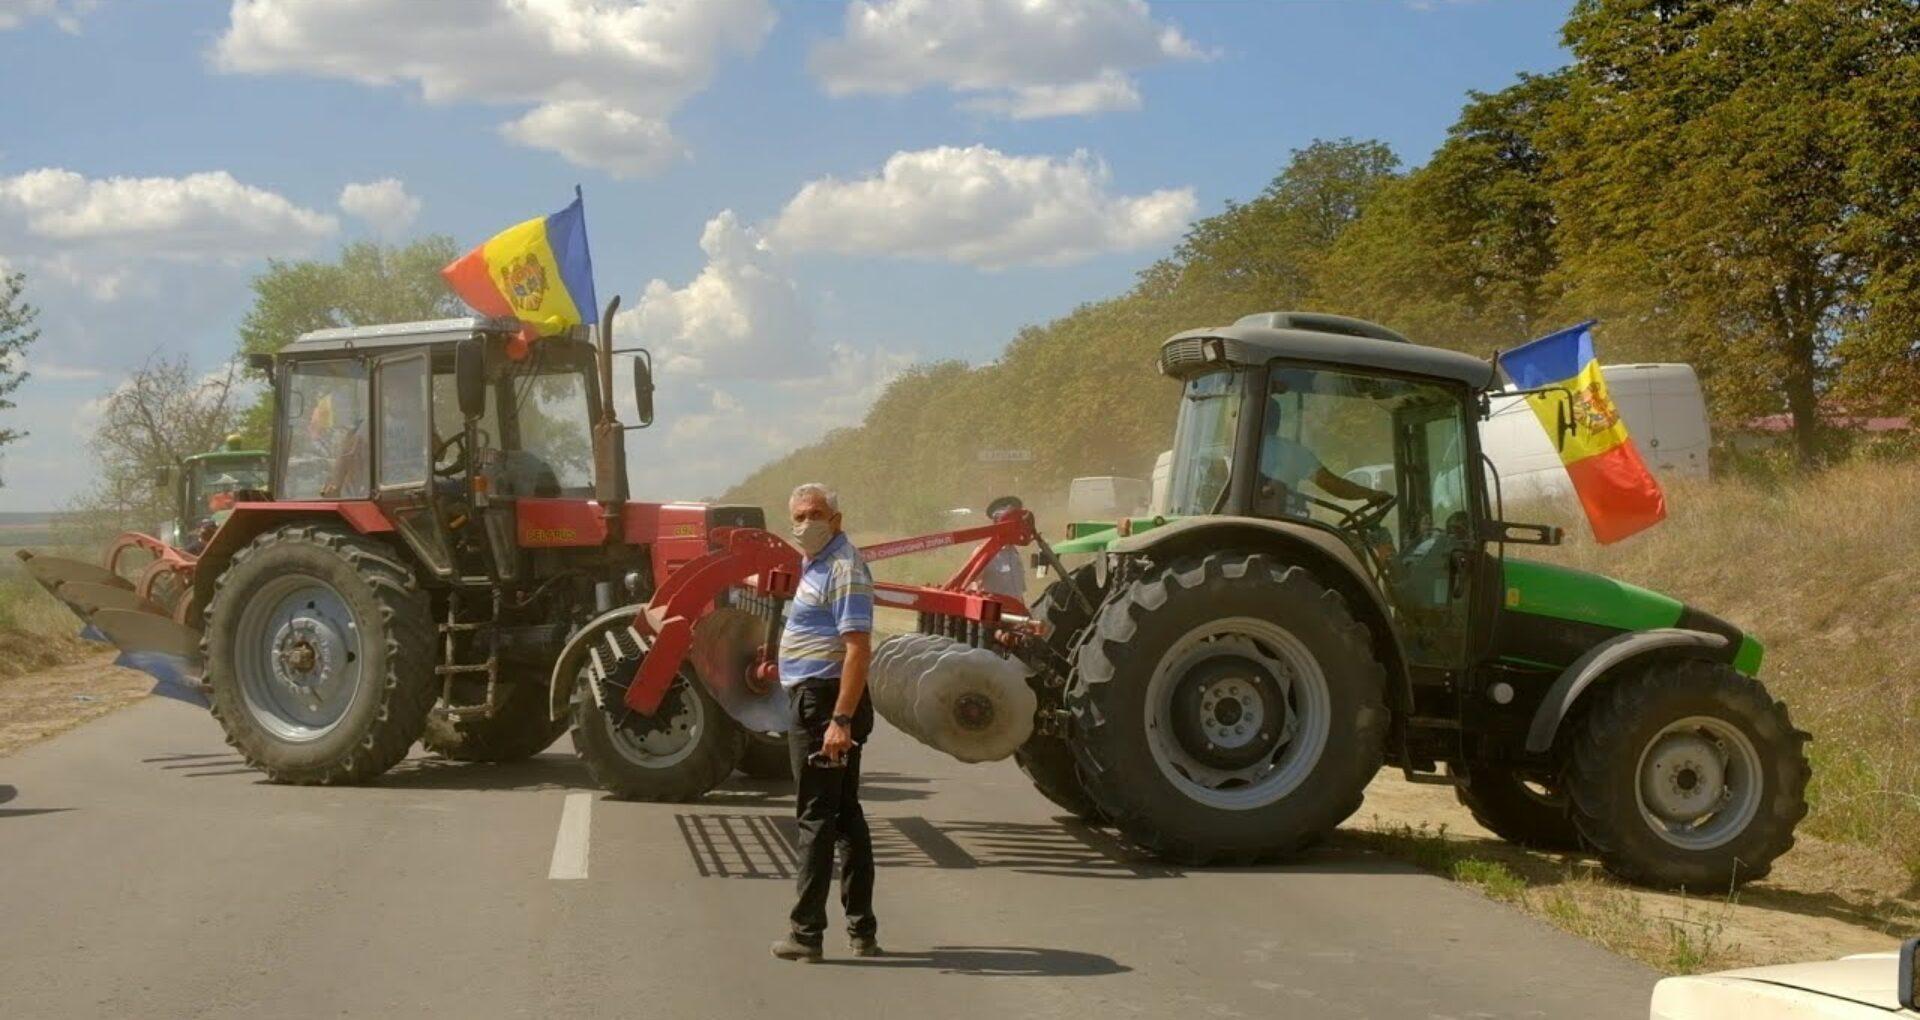 Guvernul va aloca încă 24 de milioane de lei drept compensații pentru agricultori